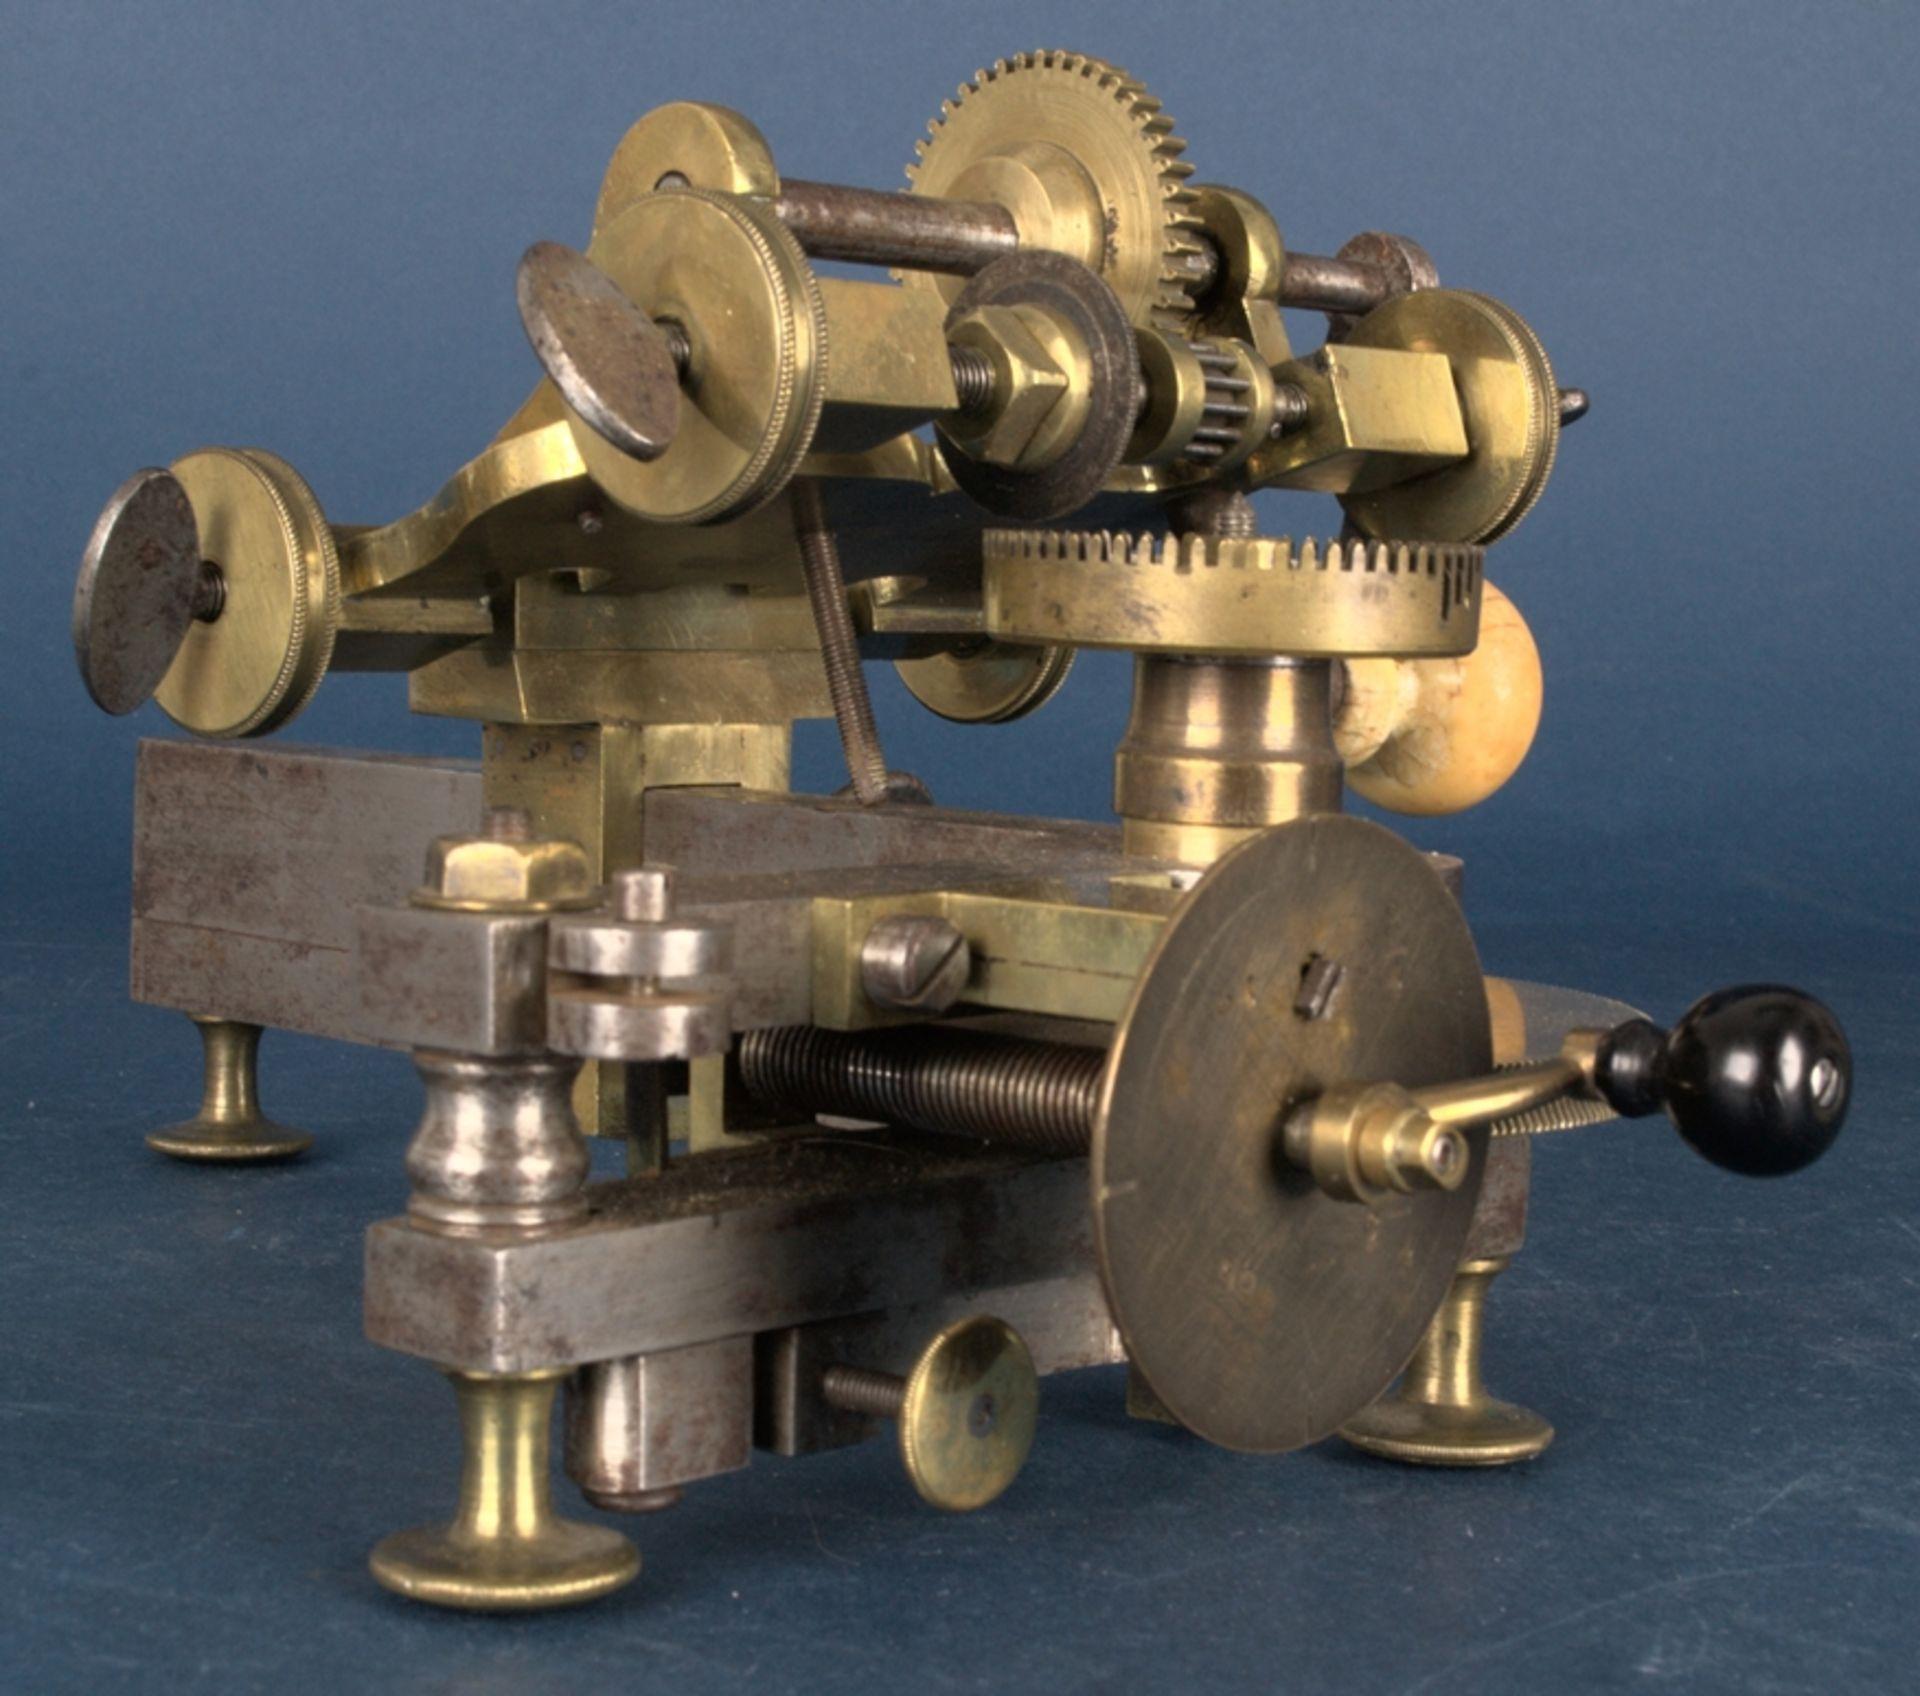 Zahnradfräsmaschine/Zahnräderschneidemaschine, frühes Uhrmacherwerkzeug, deutsch Mitte 18. Jhd., - Bild 17 aus 29